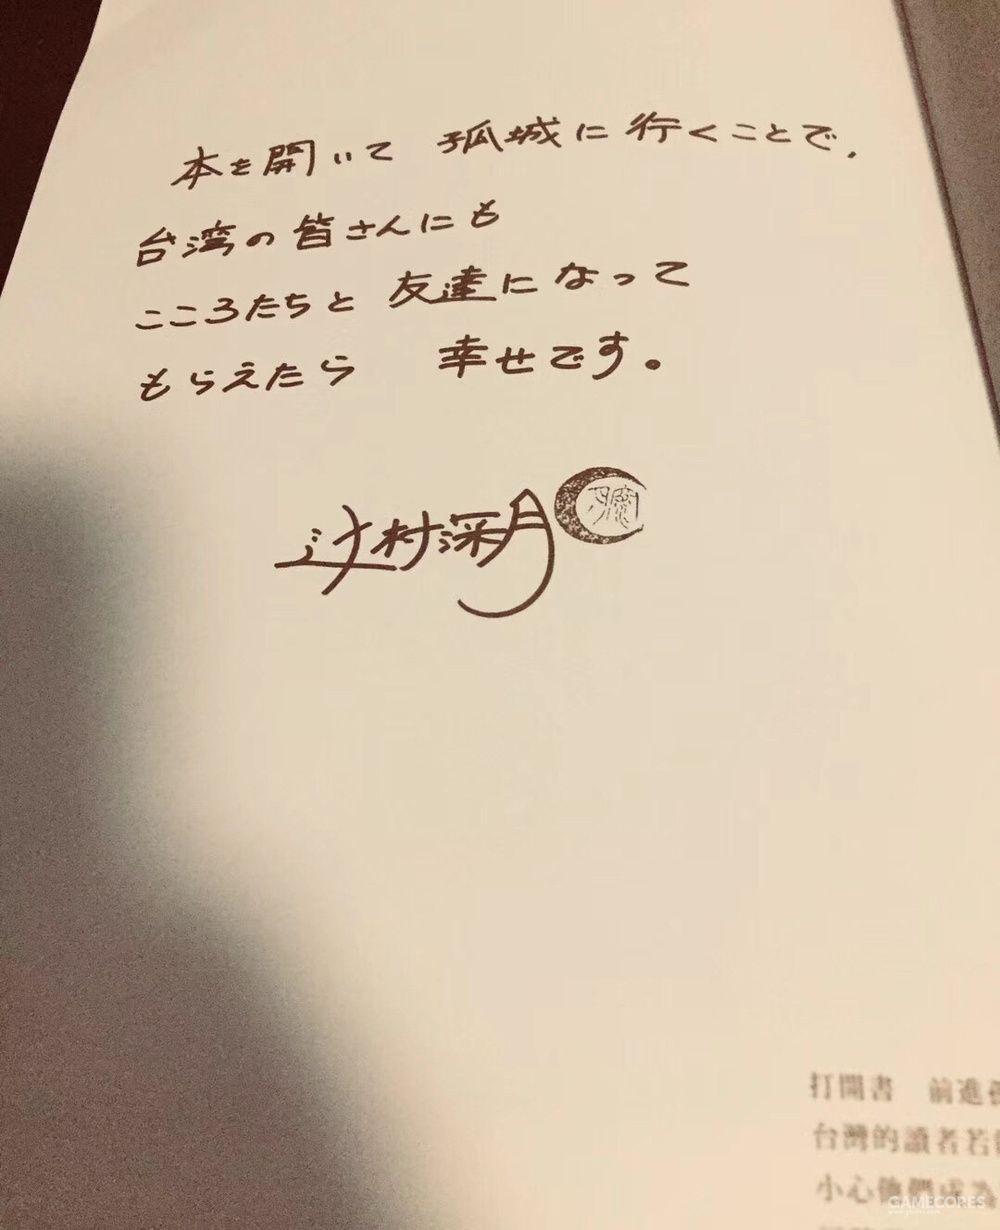 """辻村深月老师在台湾签售的<b>《镜中孤城》</b>""""></p>    <p>说回<b>《今日诸事大吉》</b>吧。</p>    <p>这本书有四个 POV 视角,分别是四场婚礼的伴娘、新郎、花童以及策划人。同一天,同一酒店,不同时间,四场婚礼。敏感的读者也许已经嗅到了某种诡计的独特味道。但我敢打保票,这本小说绝不是青崎有吾那种除了诡计一无所有的推理故事。</p>    <p>发生在同一天同一处的这四个婚礼。</p>    <p>双胞胎的婚礼上姐妹撕逼那段在我看来是写得最好的,毕竟碧池撕逼是辻村深月最擅长的题材。</p>    <p>另一场婚礼的新郎在作恶的同时又期待一个天赐的 """"制动器"""",这种情绪想必很多人都深有体会。</p>    <p>花童视角的那场婚礼故事颇似伊坂幸太郎的风格,小男孩保护大姐姐的设定俗套但温暖。</p>    <p>最后是婚礼策划人的故事,辻村深月通过这个工作人员的视角将所有故事串起来。</p>    <p>整本书的内核类似法国电影<b>《婚礼的意义》</b>,探讨的是婚礼这个在现代社会中仪式感大于实际的活动究竟意义何在?婚礼莫非只是人类妄想留住幸福而创造出来的幻觉。难道真的是婚礼创造幻觉,幻觉承载婚姻?</p>    <figure class="""